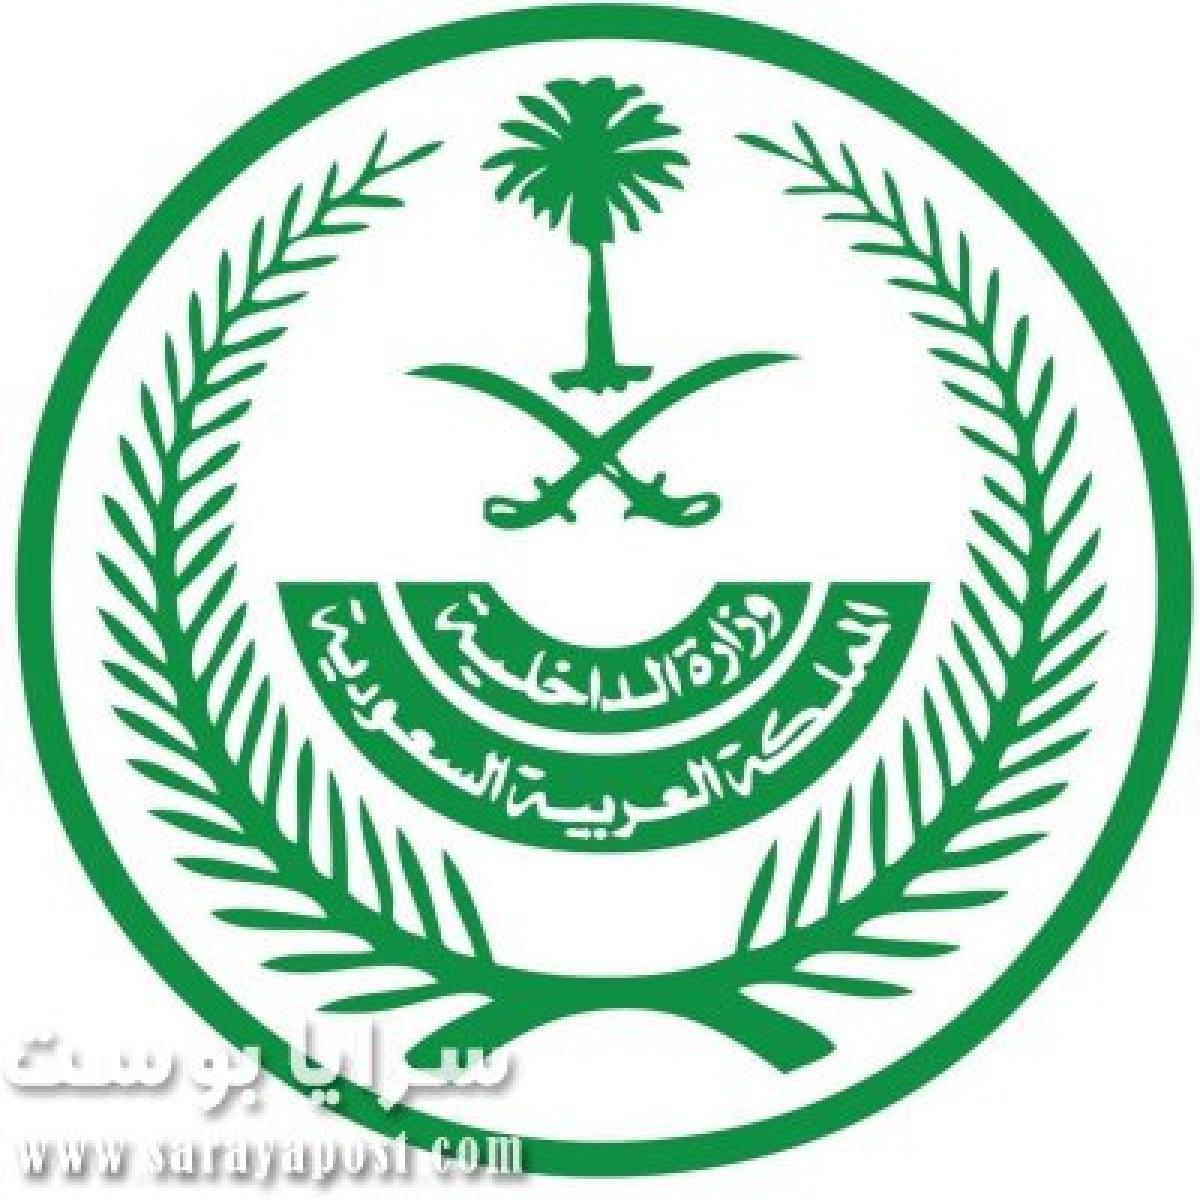 تعديل ساعات الحظر في السعودية خلال شهر رمضان